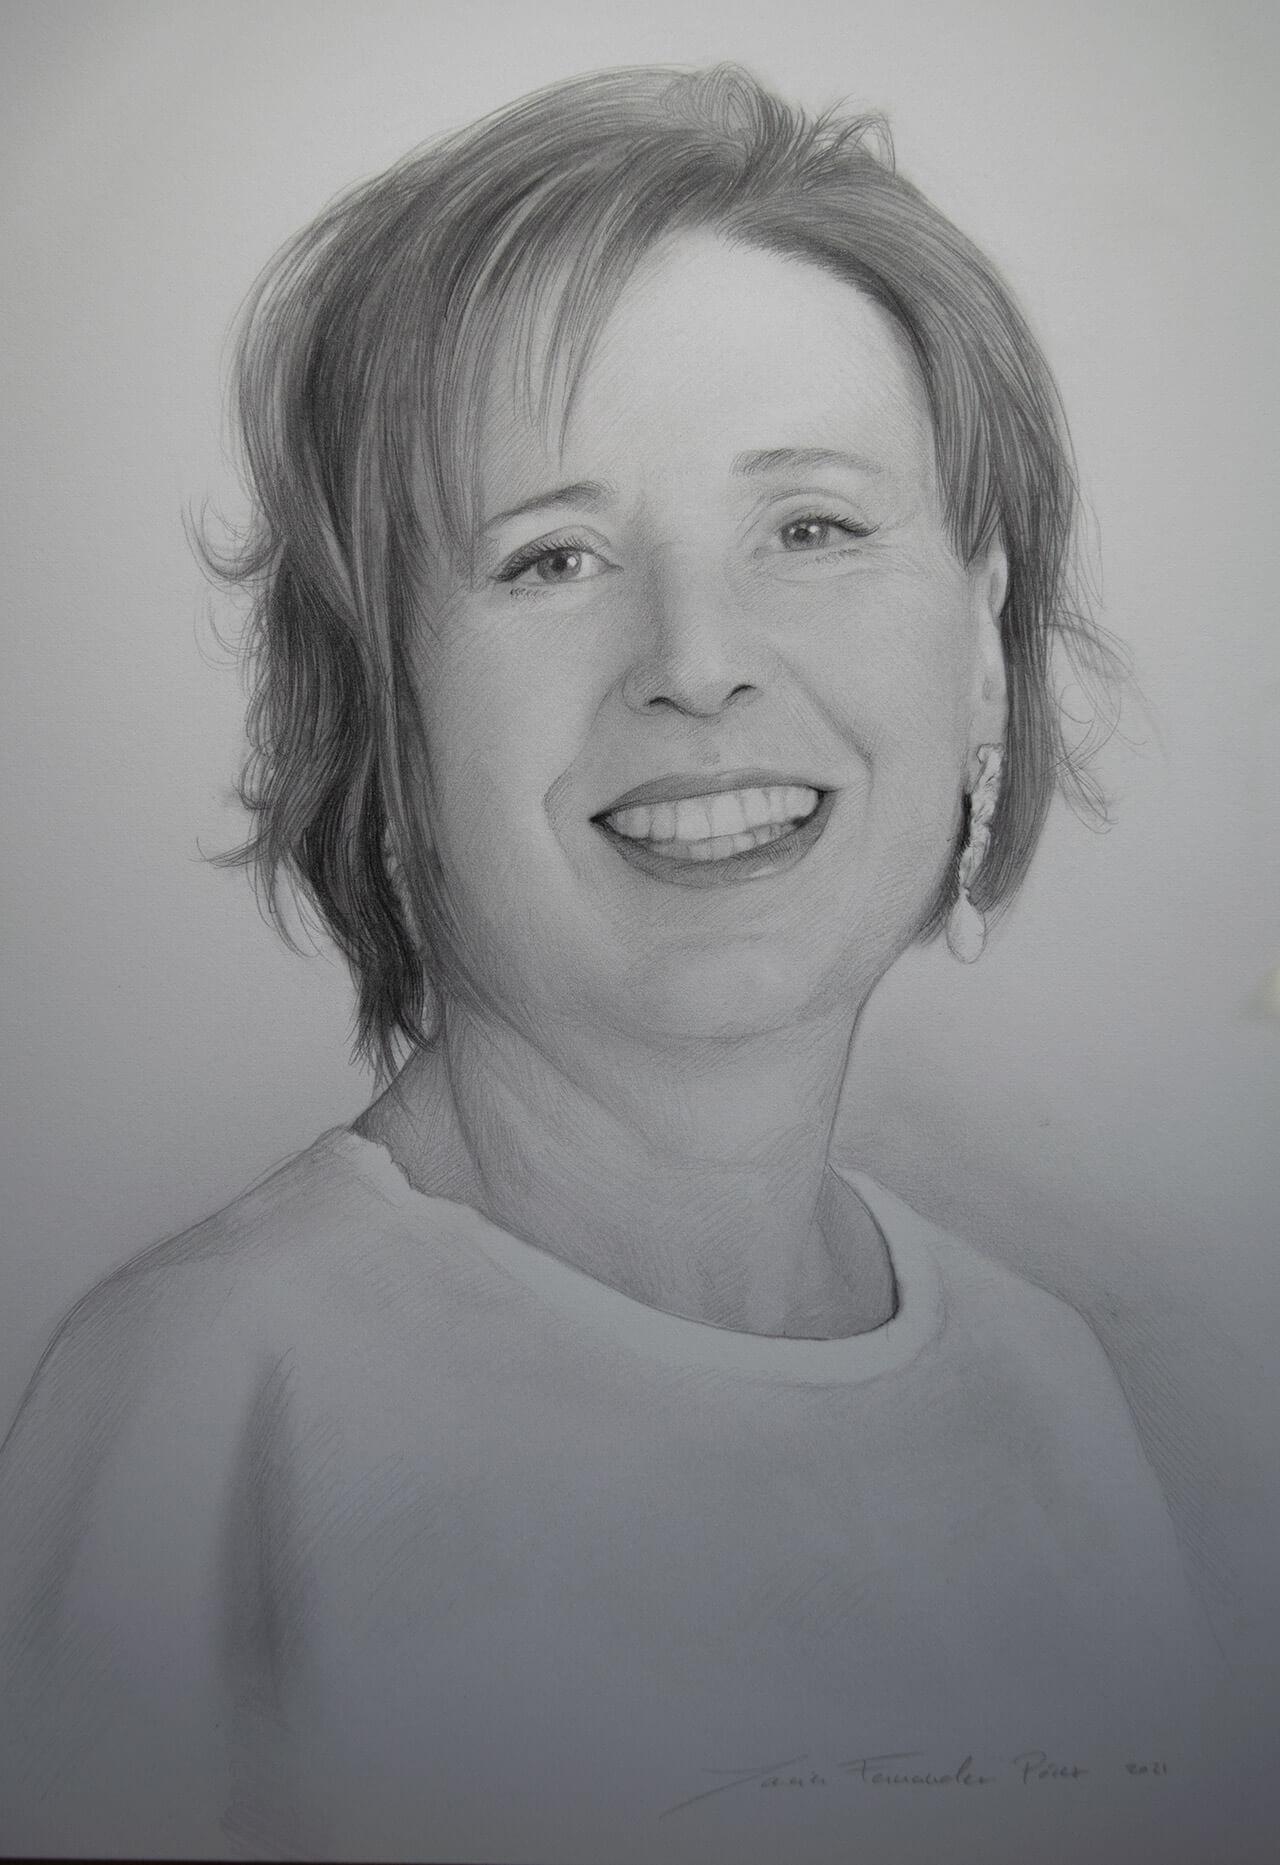 retrato a carboncillo y lapiz de mujer